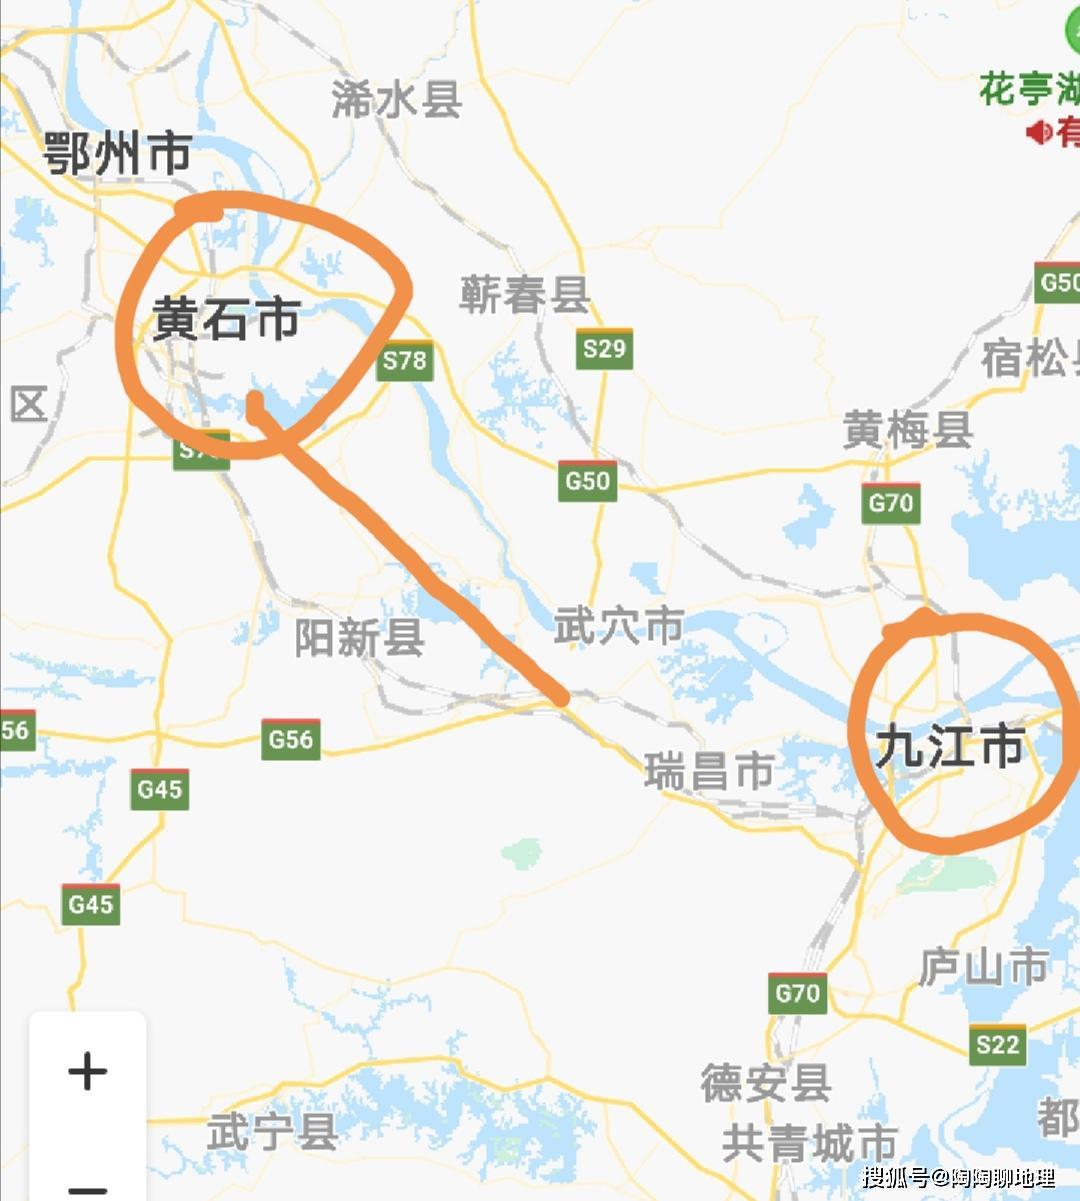 鹿邑老君台中学刘晓龙